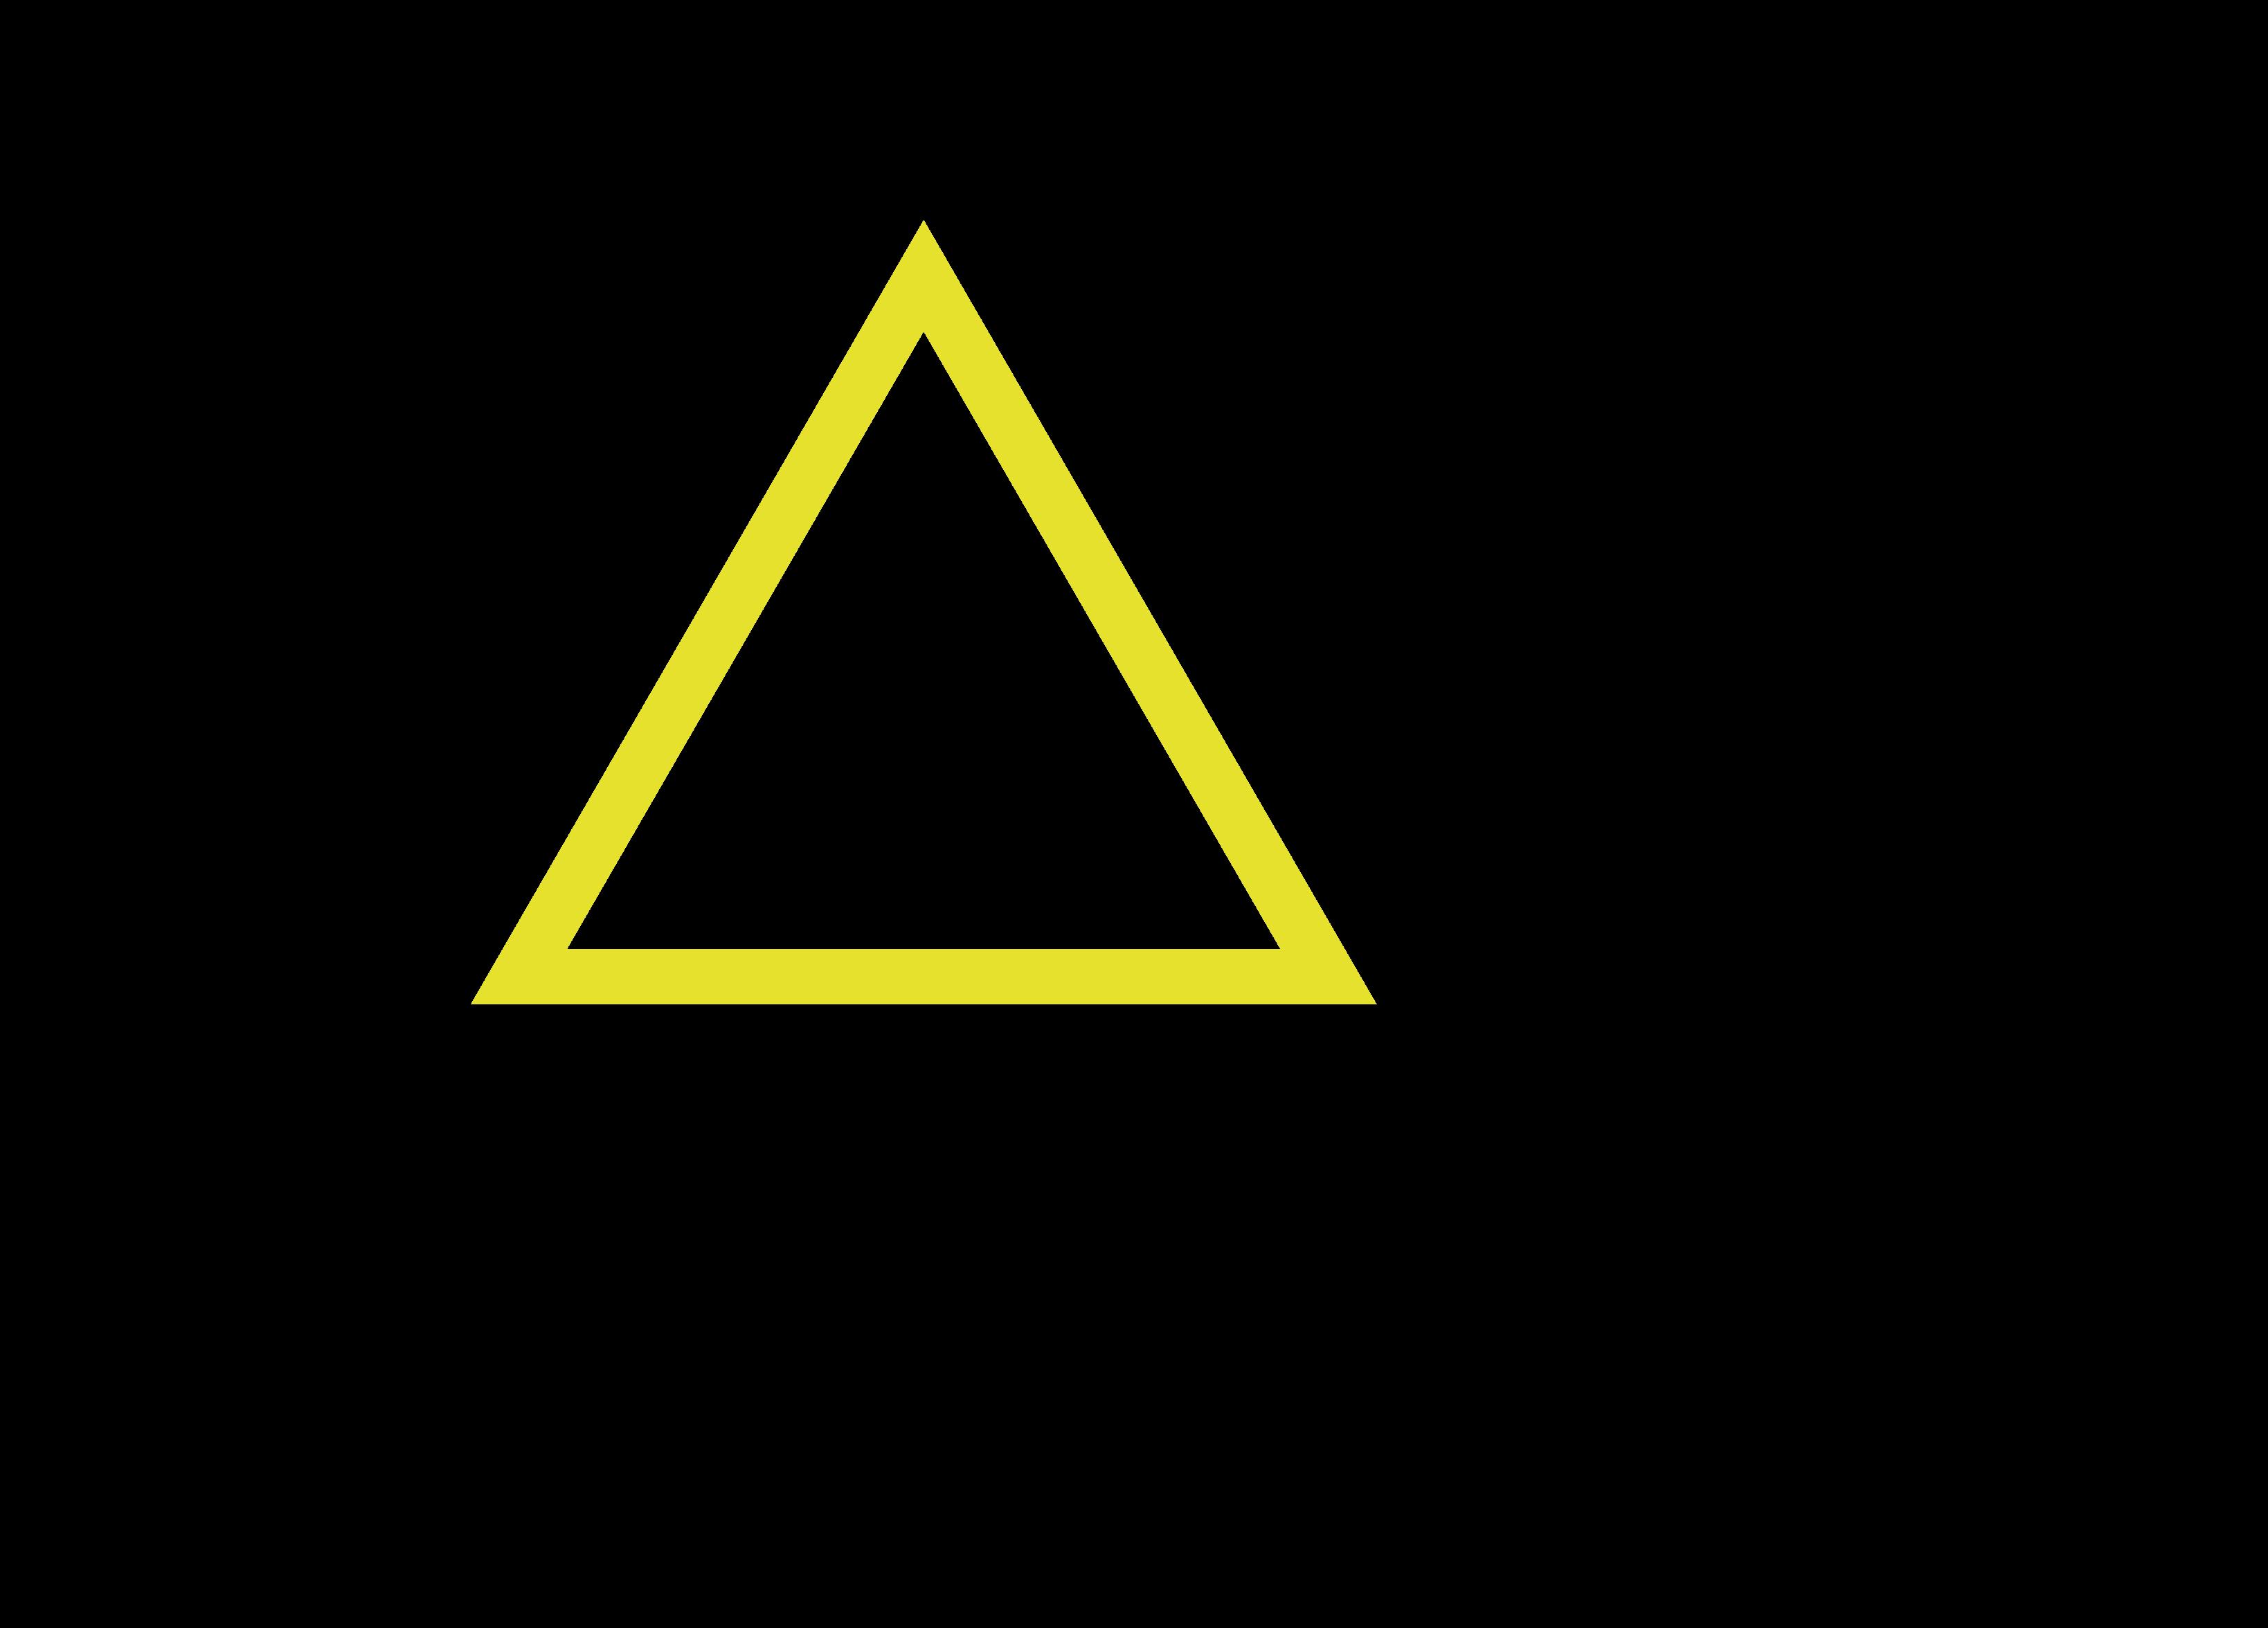 トップイメージの中央背景の三角